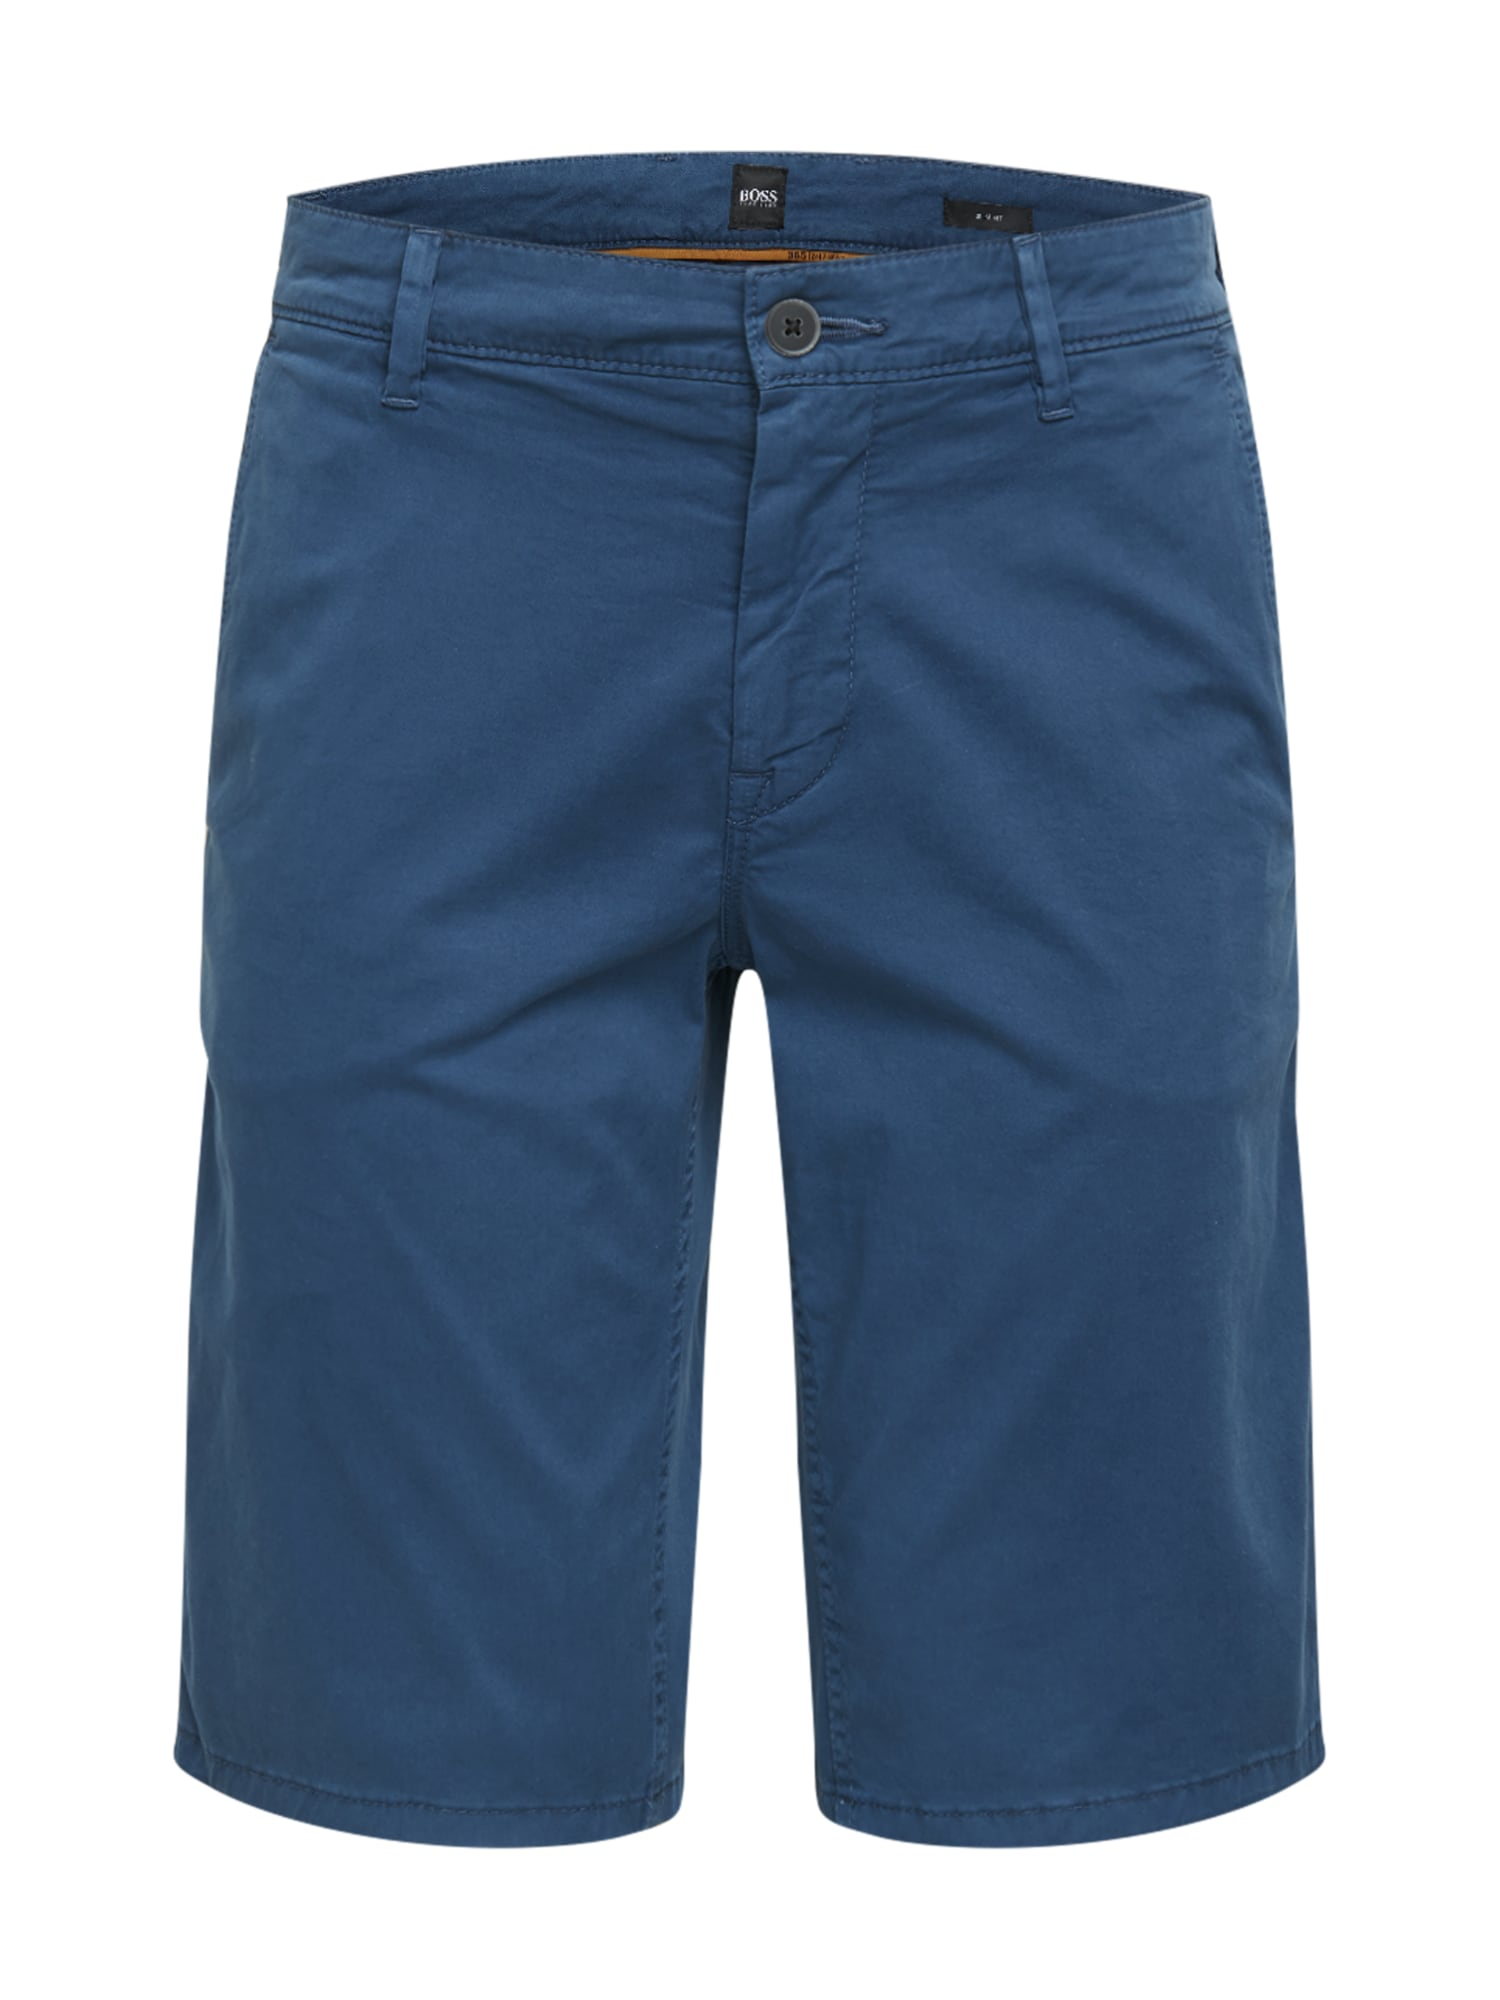 BOSS Chino nohavice 'Schino'  námornícka modrá